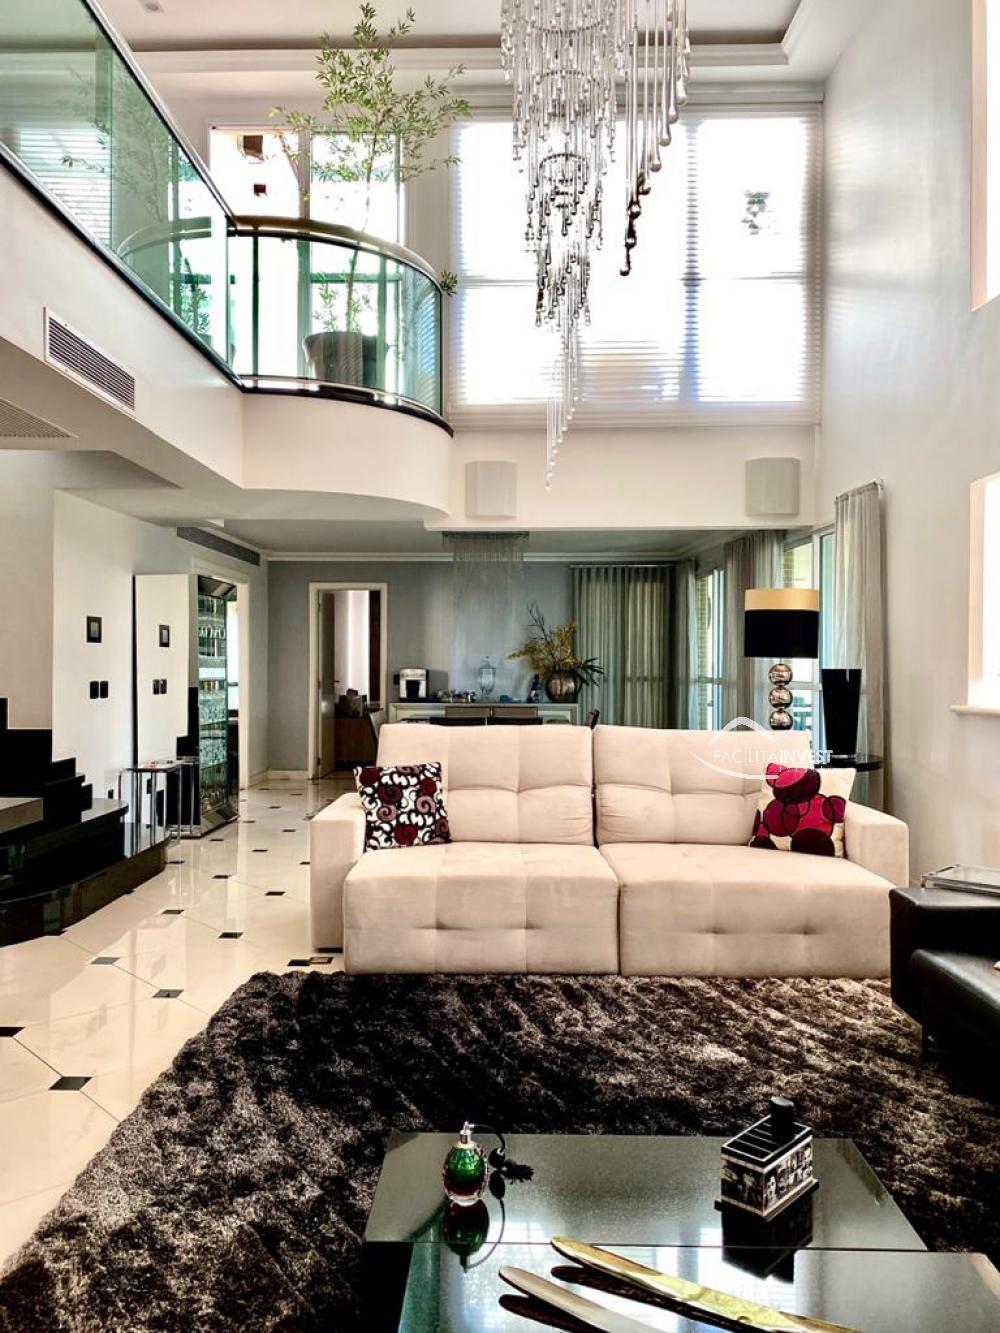 Comprar Apartamentos / Cobertura em Ribeirão Preto apenas R$ 2.300.000,00 - Foto 2